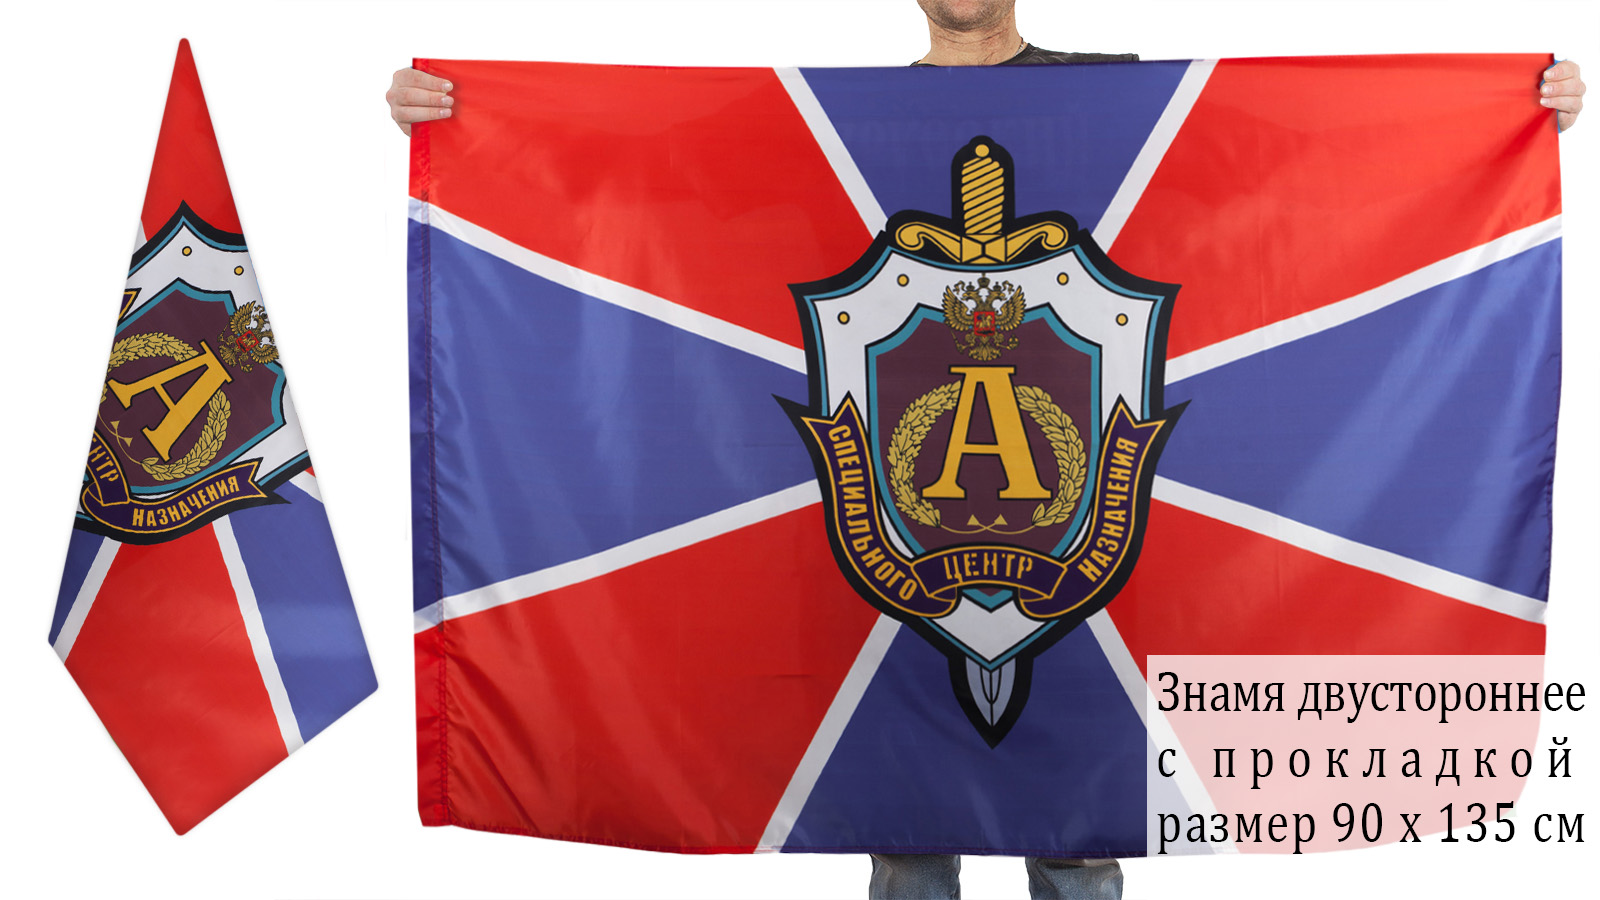 """Двусторонний флаг спецназа ФСБ """"Альфа"""""""